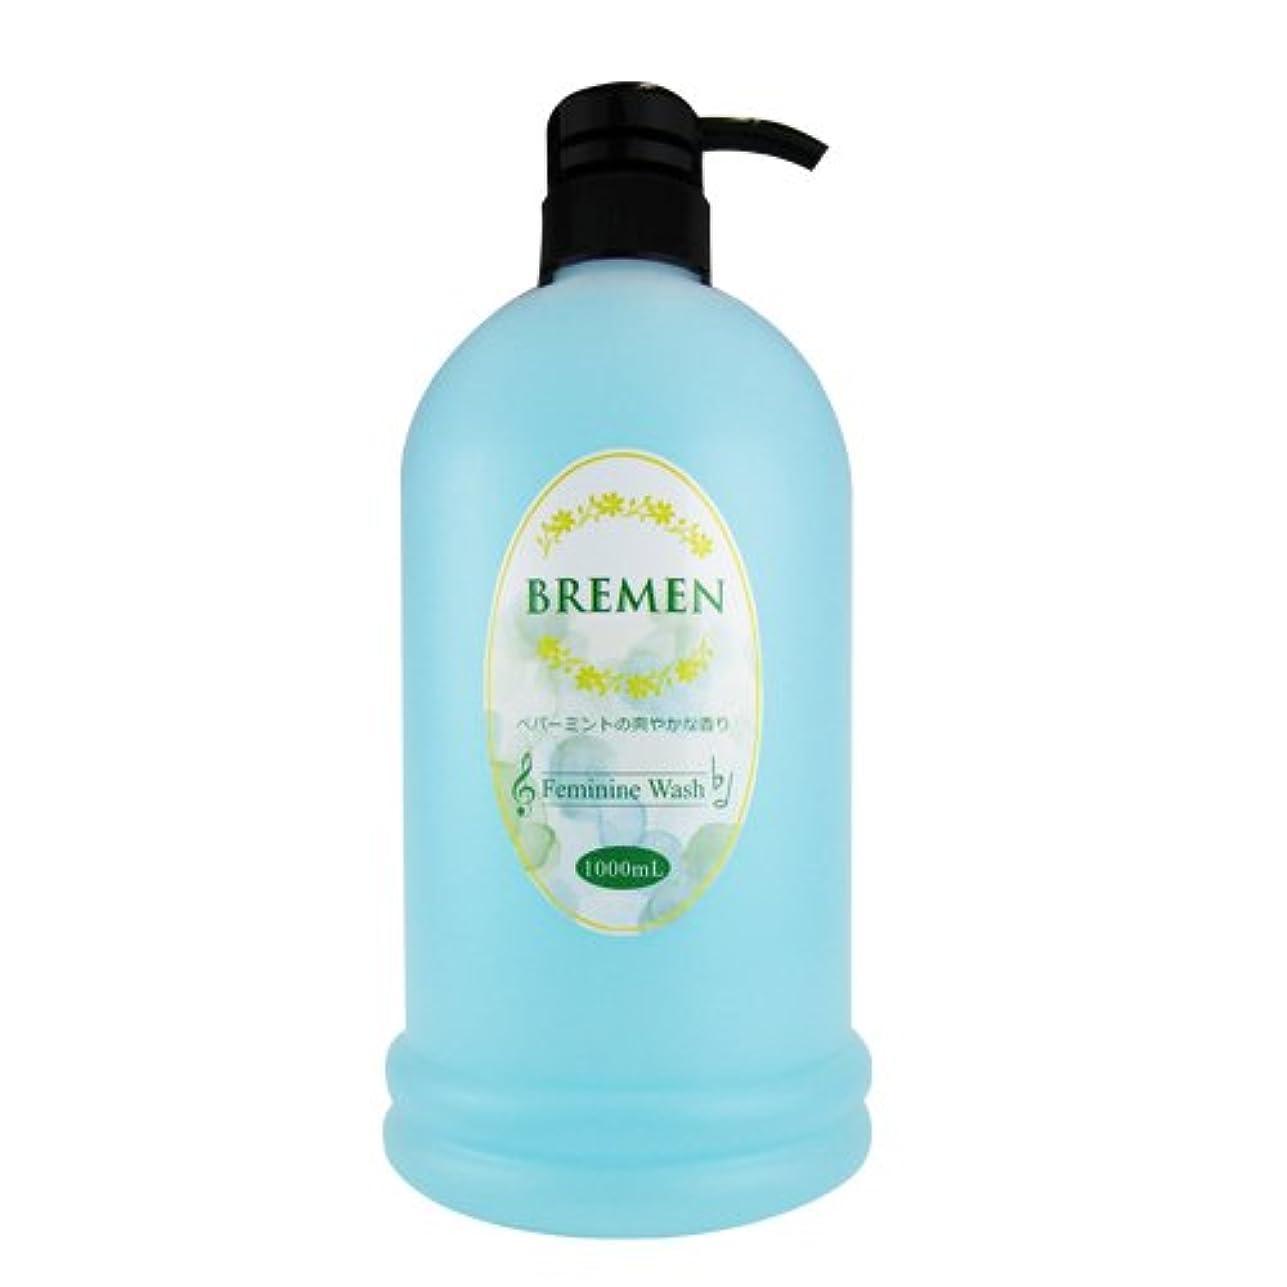 作家賞和ブレーメン(BREMEN) フェミニンウォッシュ(Feminine Wash) 1000ml ペパーミントの爽やかな香り